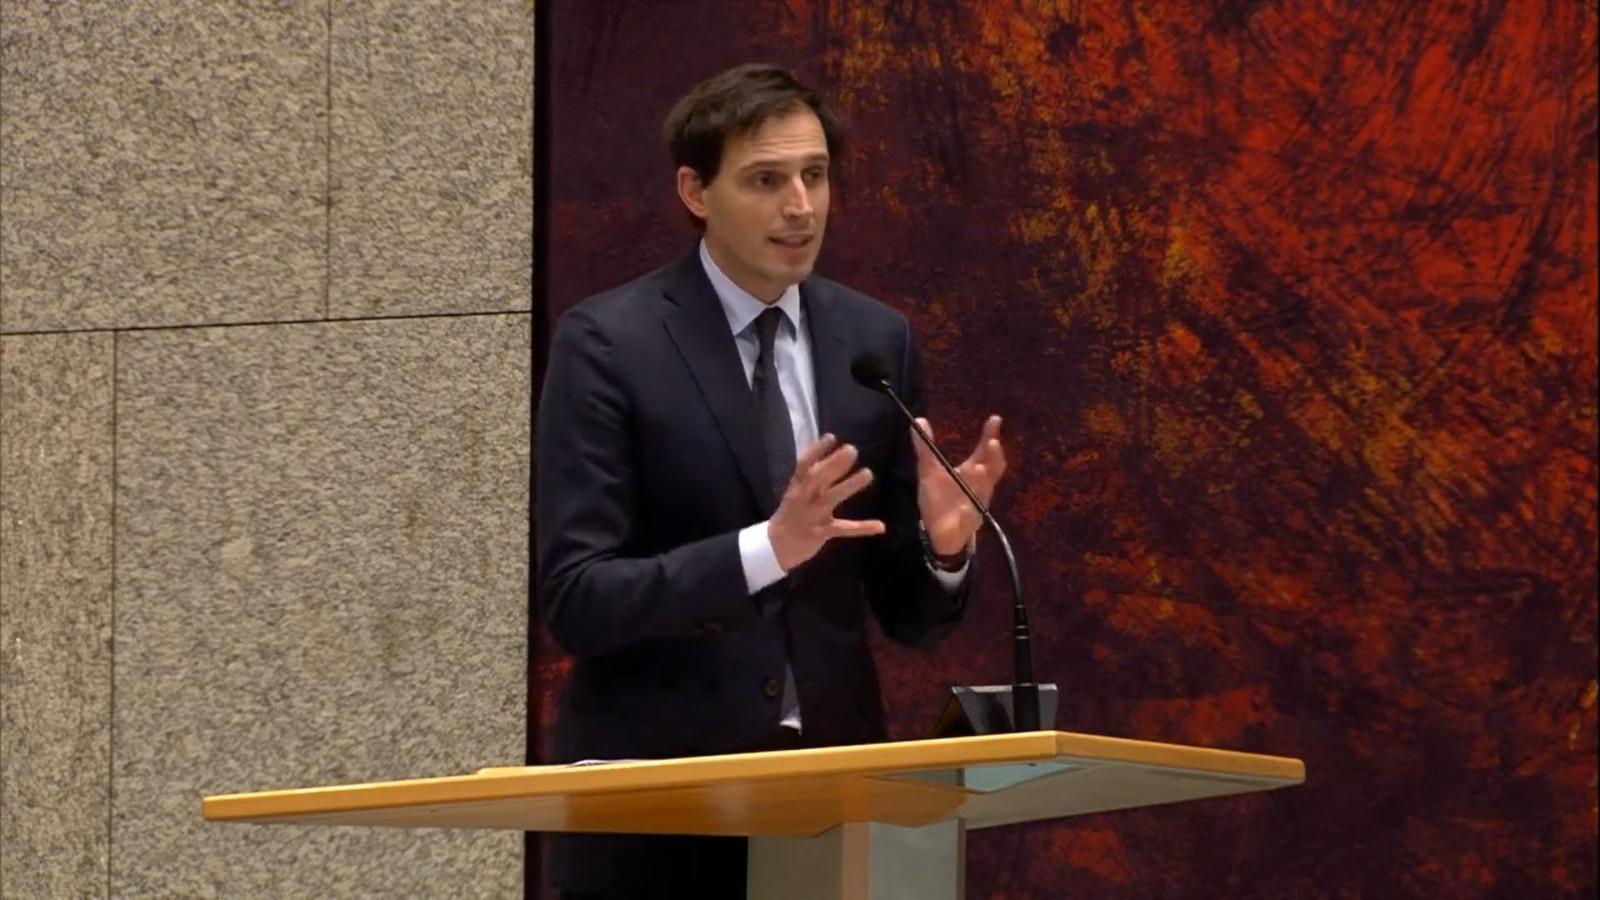 Wopke Hoekstra, lijsttrekker van CDA, wil excuses van de verkenners aan Omtzigt, de Kamer en aan het CDA.